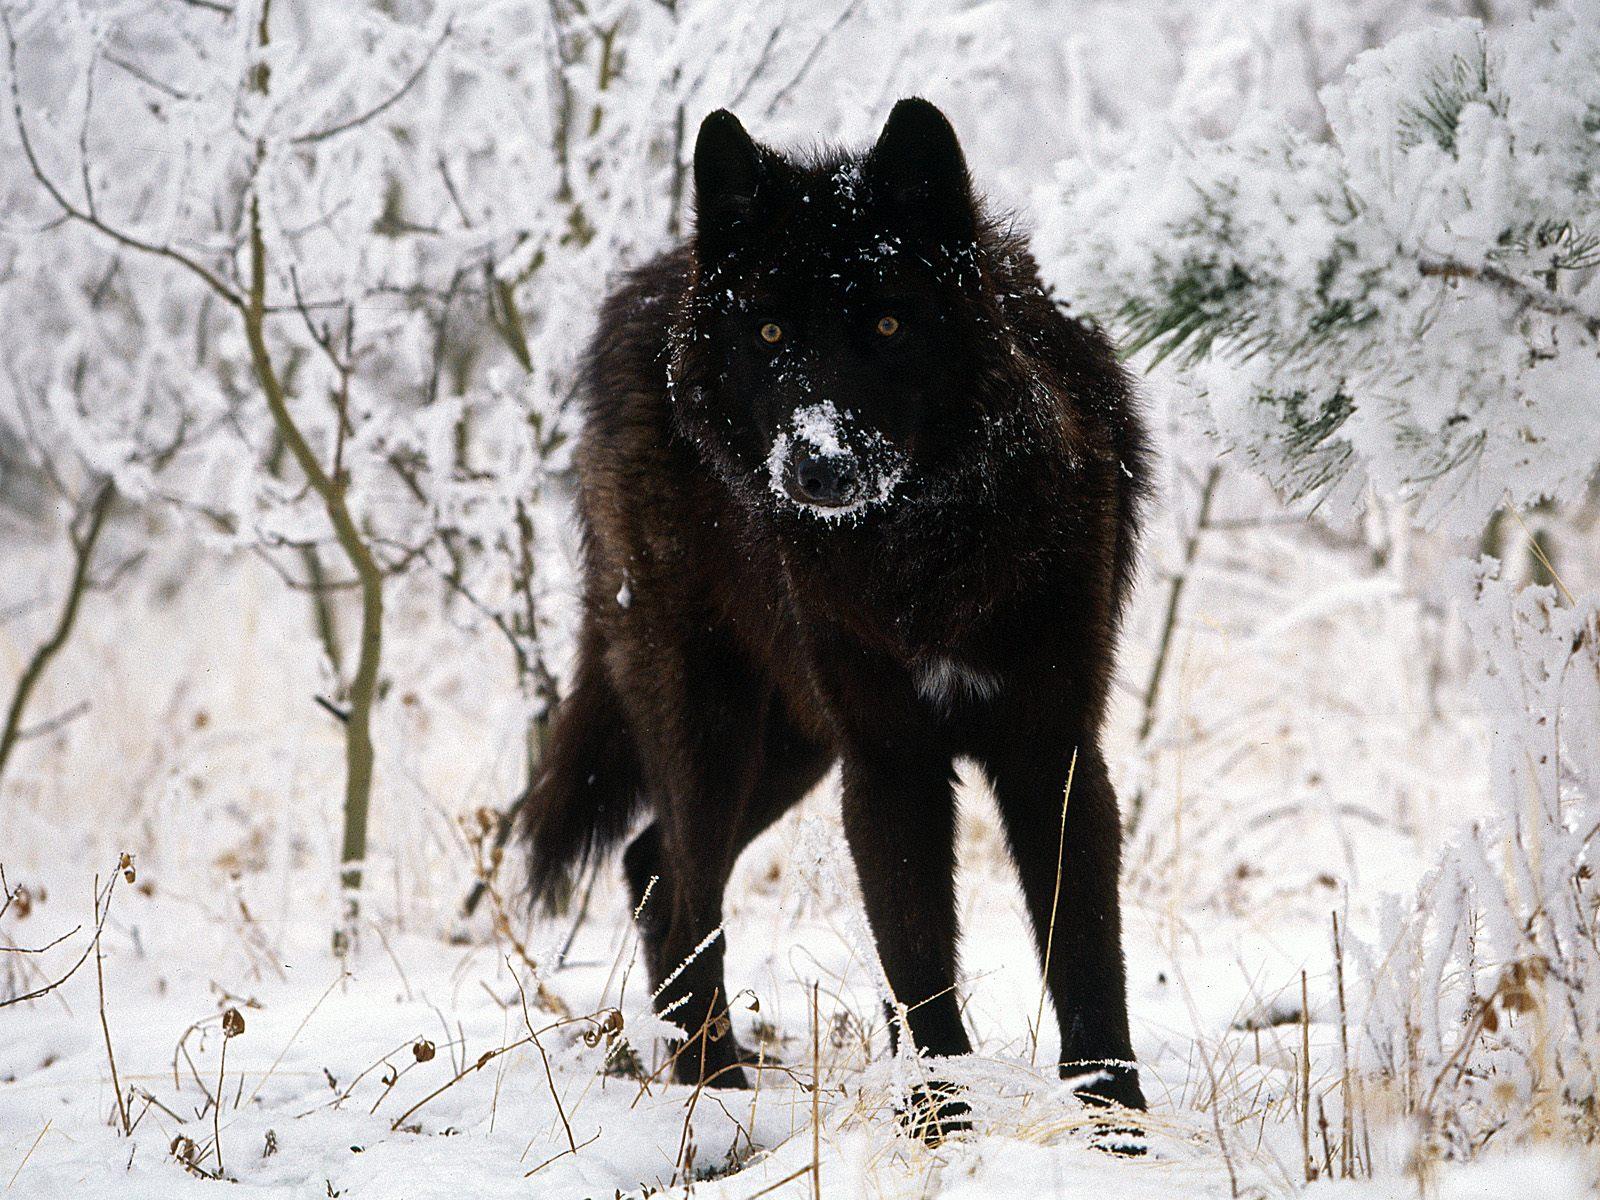 Black wolf in snow beautiful eyes kewl